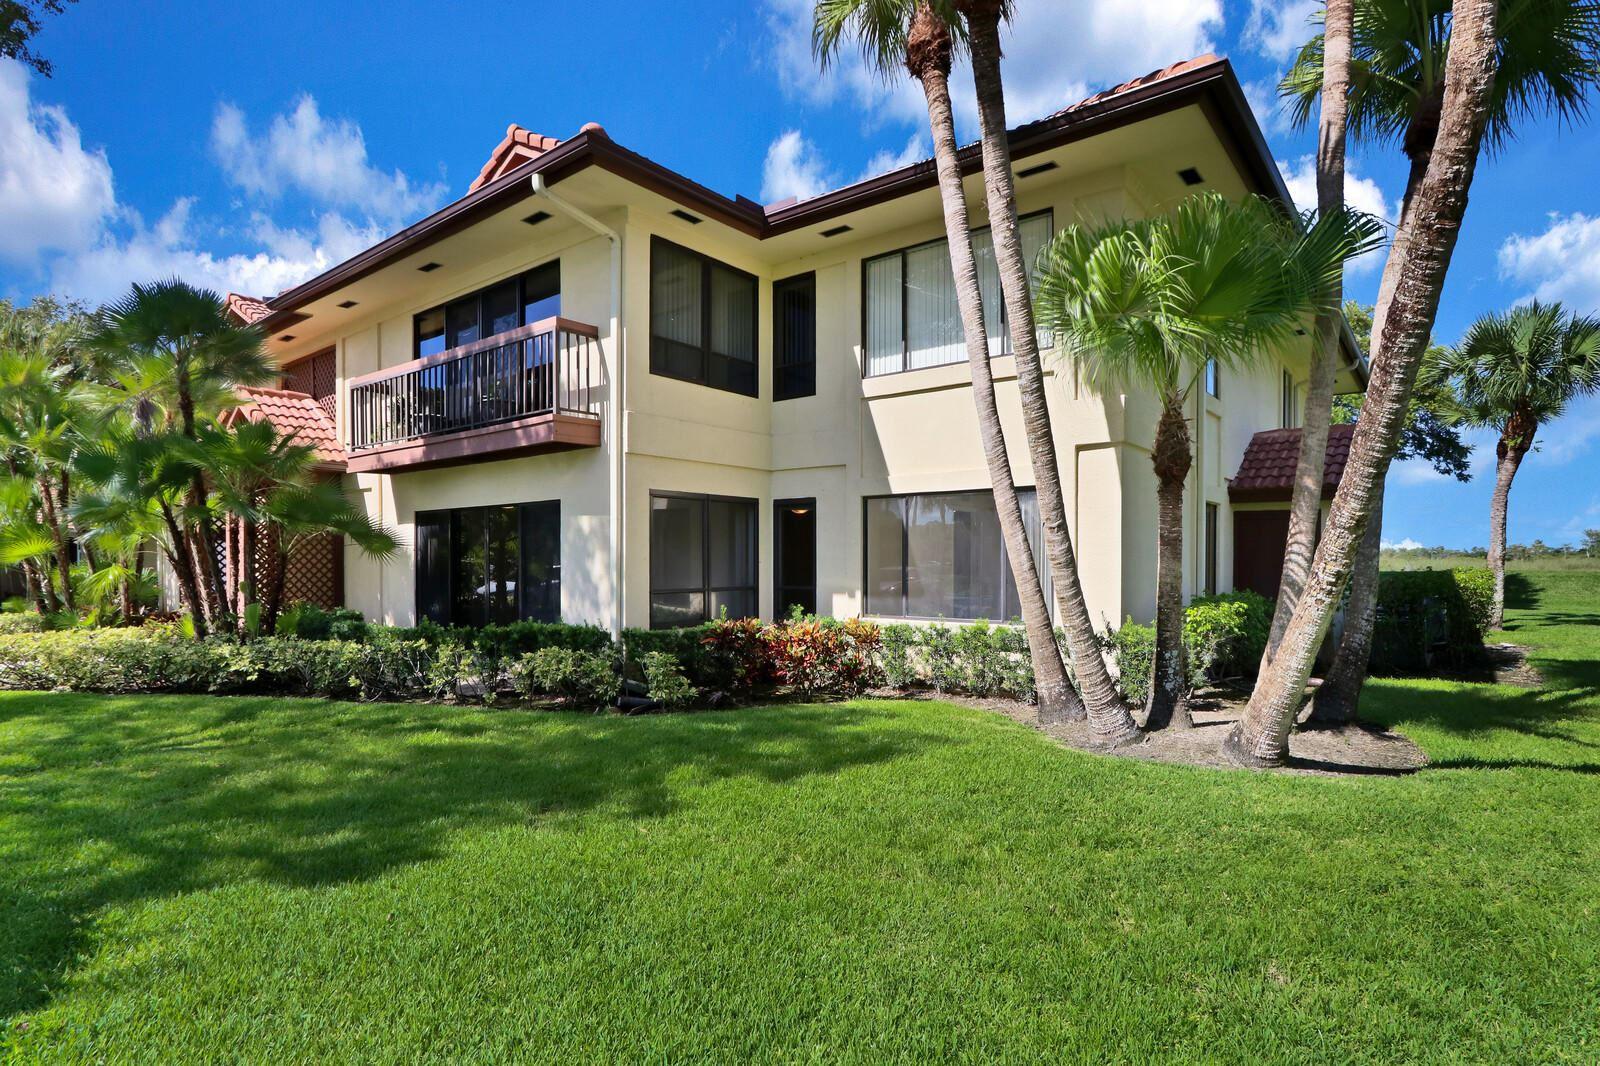 Photo of 1111 Duncan Circle #104, Palm Beach Gardens, FL 33418 (MLS # RX-10643731)